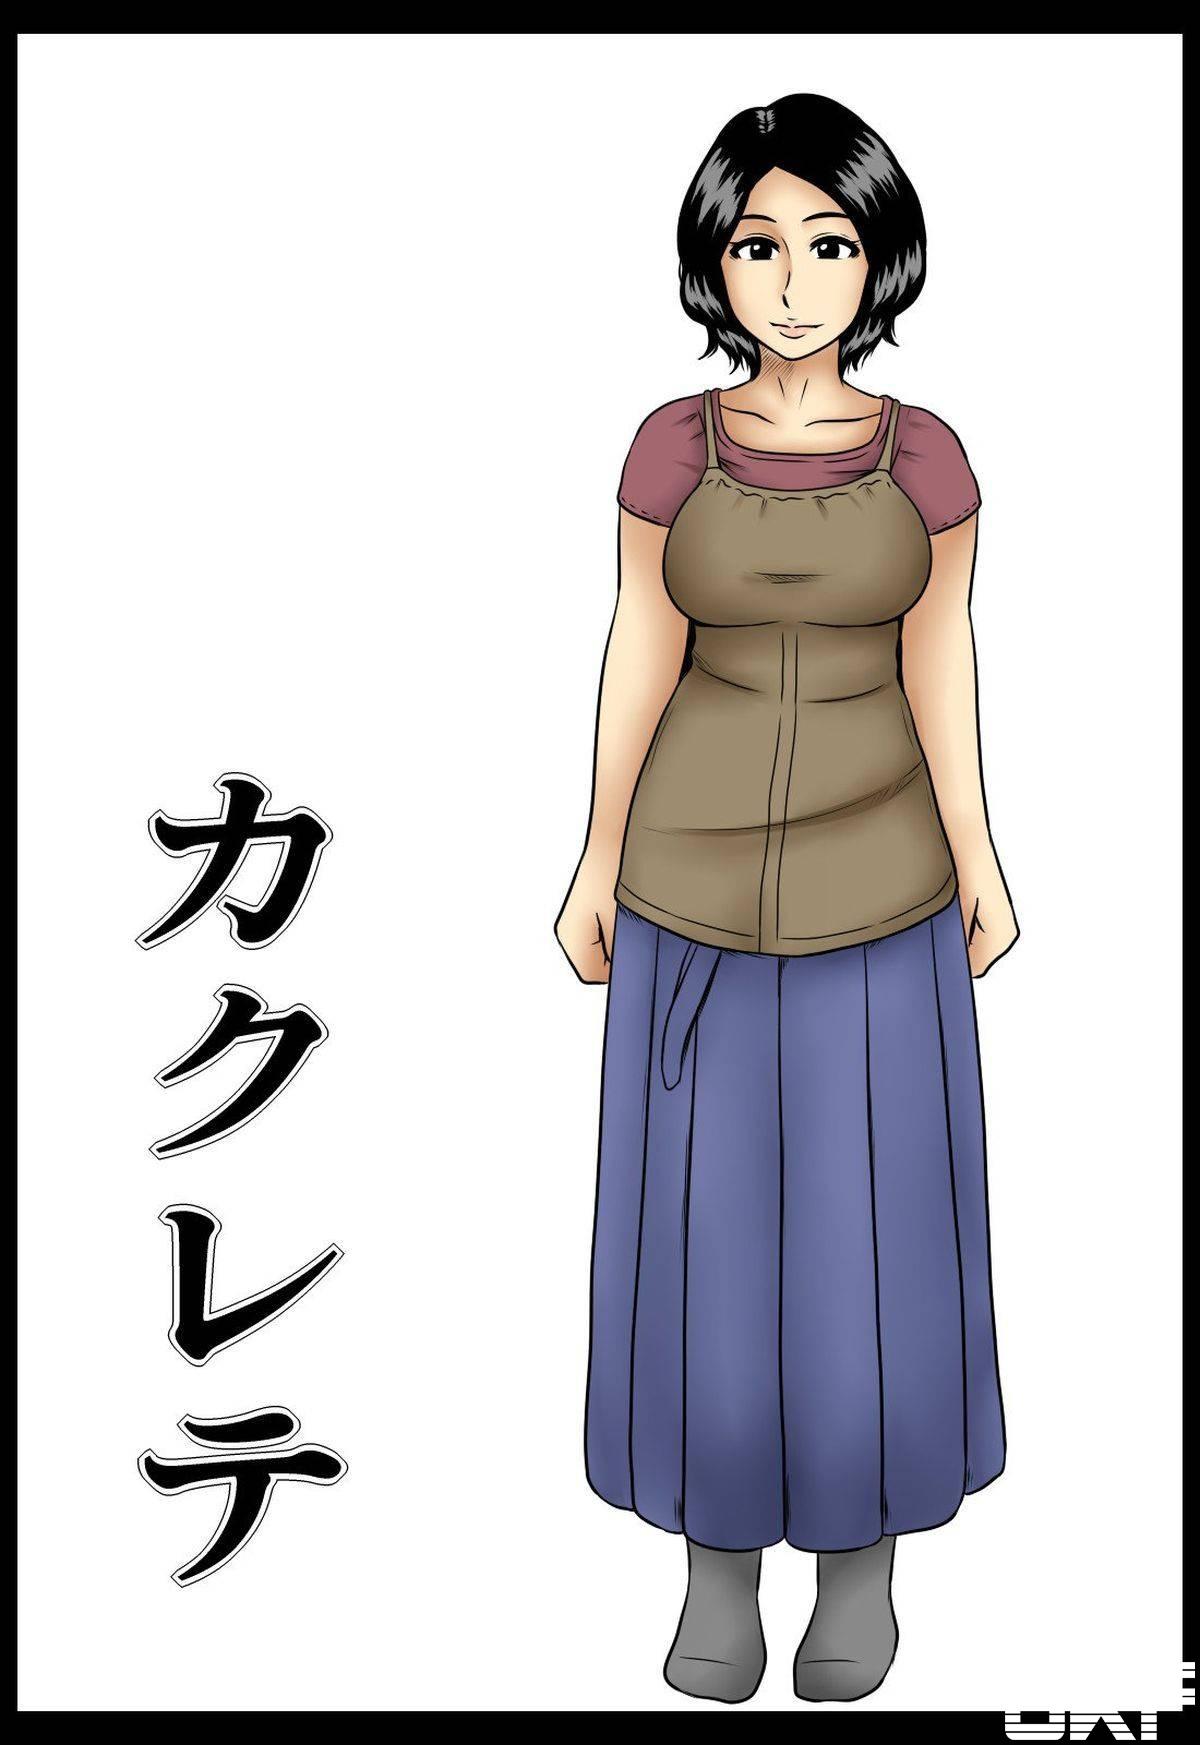 [みかん堂] カクレテ - 情色卡漫 -